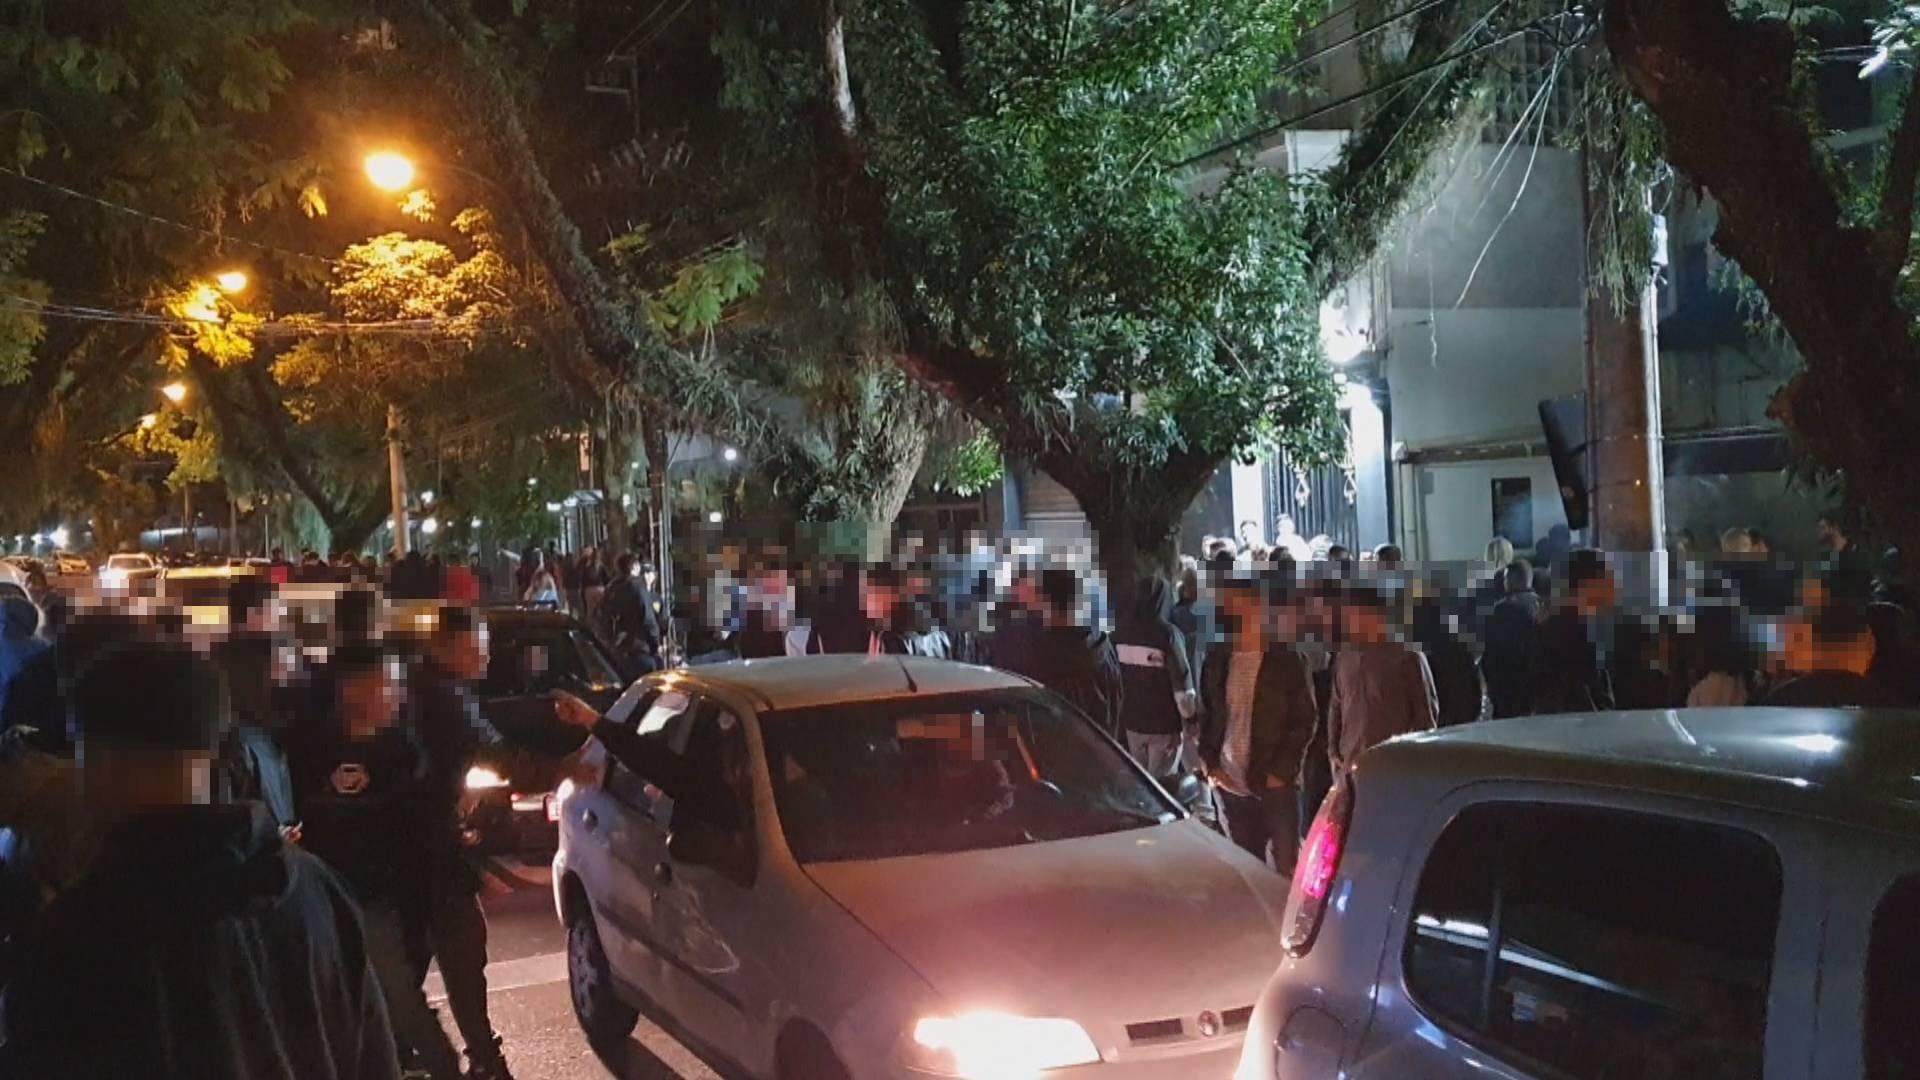 Operação dispersa aglomerações com cerca de 2 mil pessoas no entorno da Rua Padre Chagas, em Porto Alegre